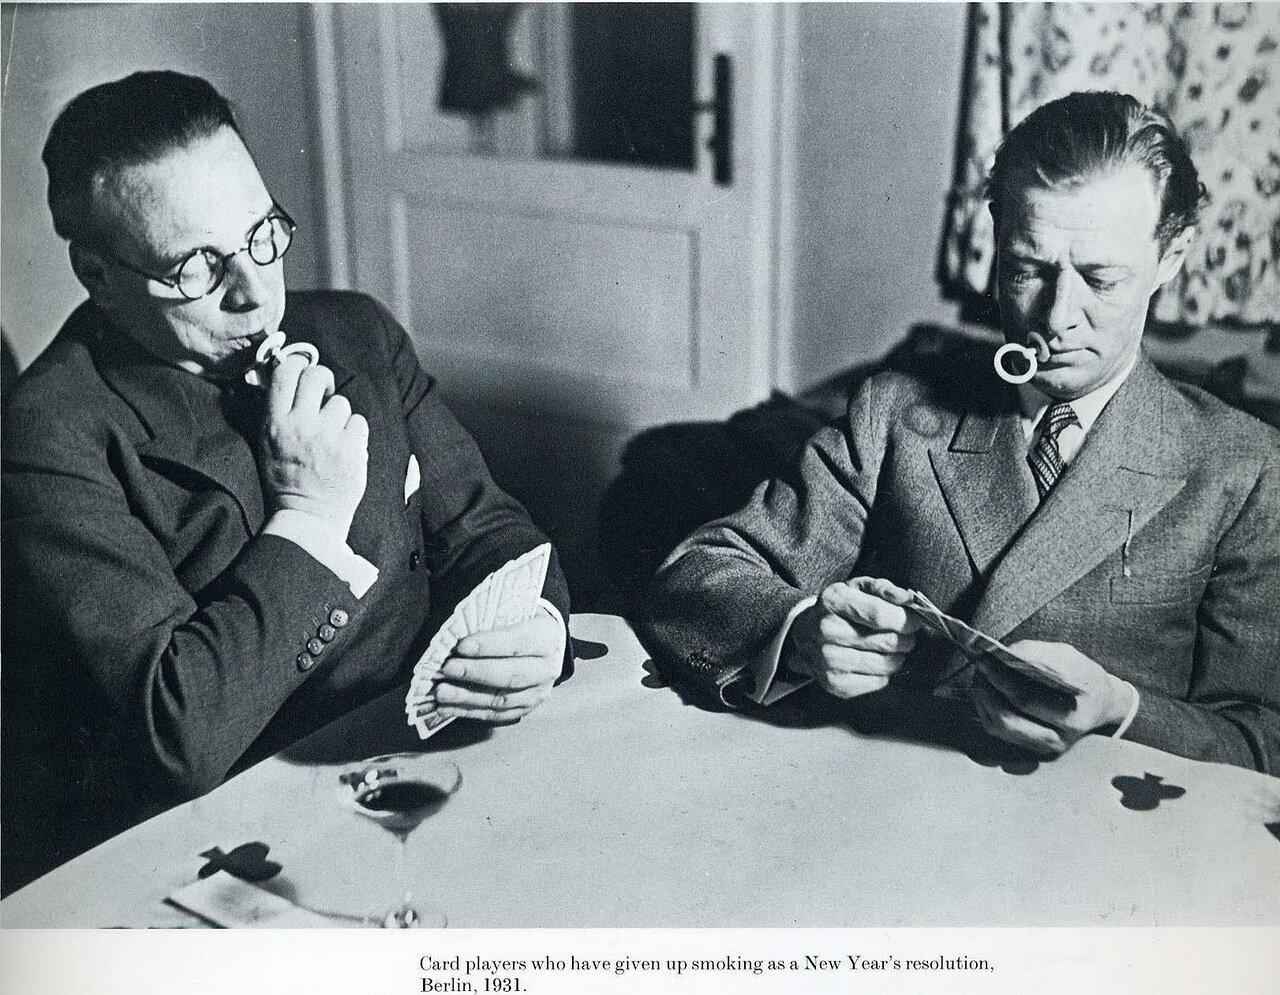 1931. Карточные игроки отказавшиеся от курения, Берлин